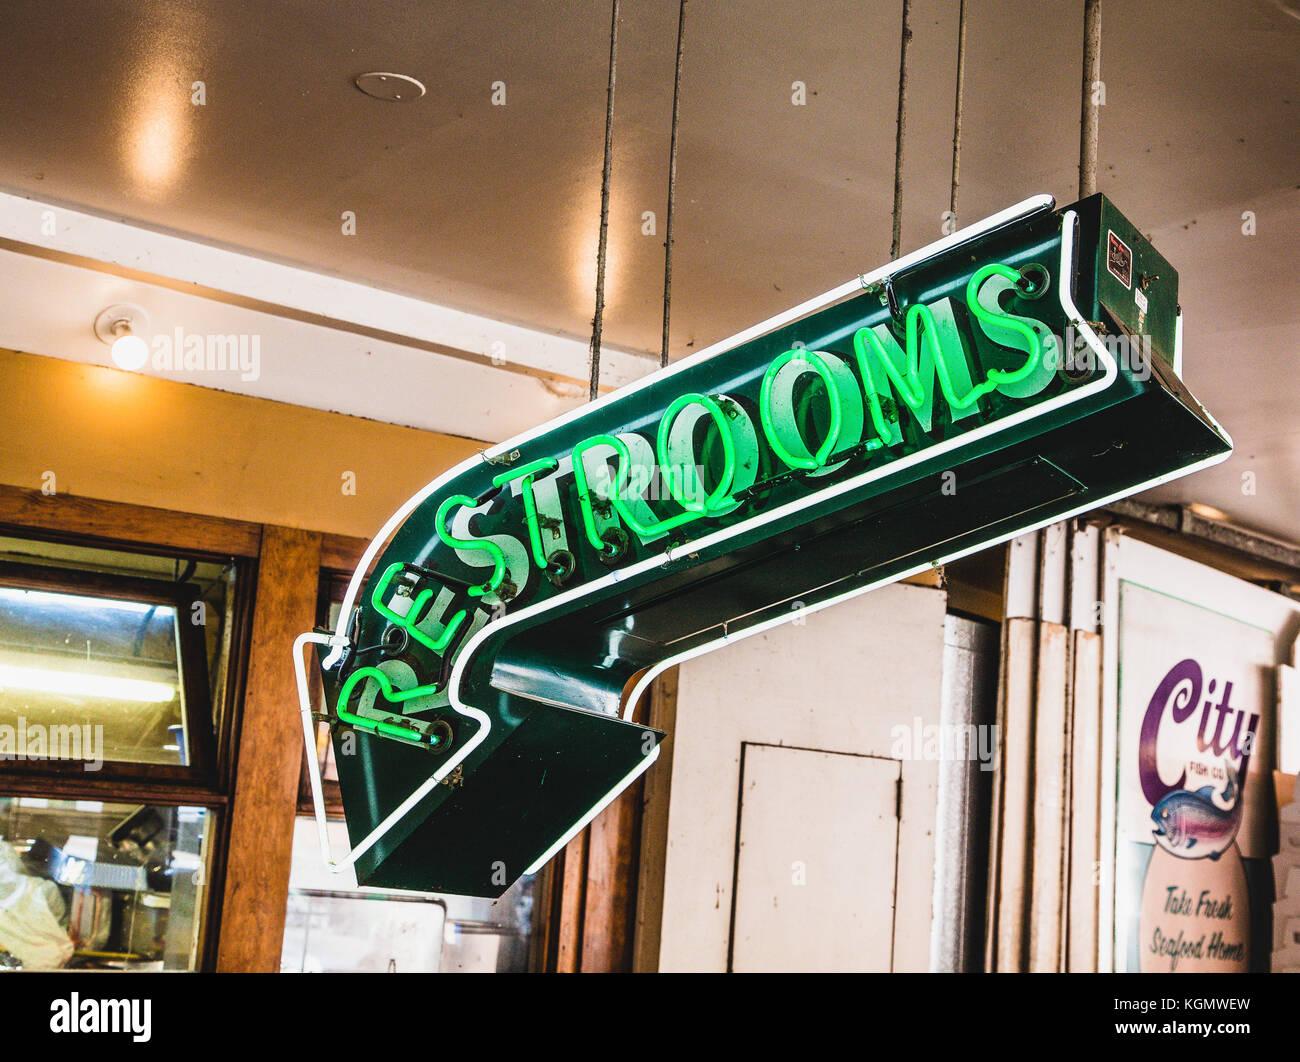 Restrooms in Neon - Stock Image